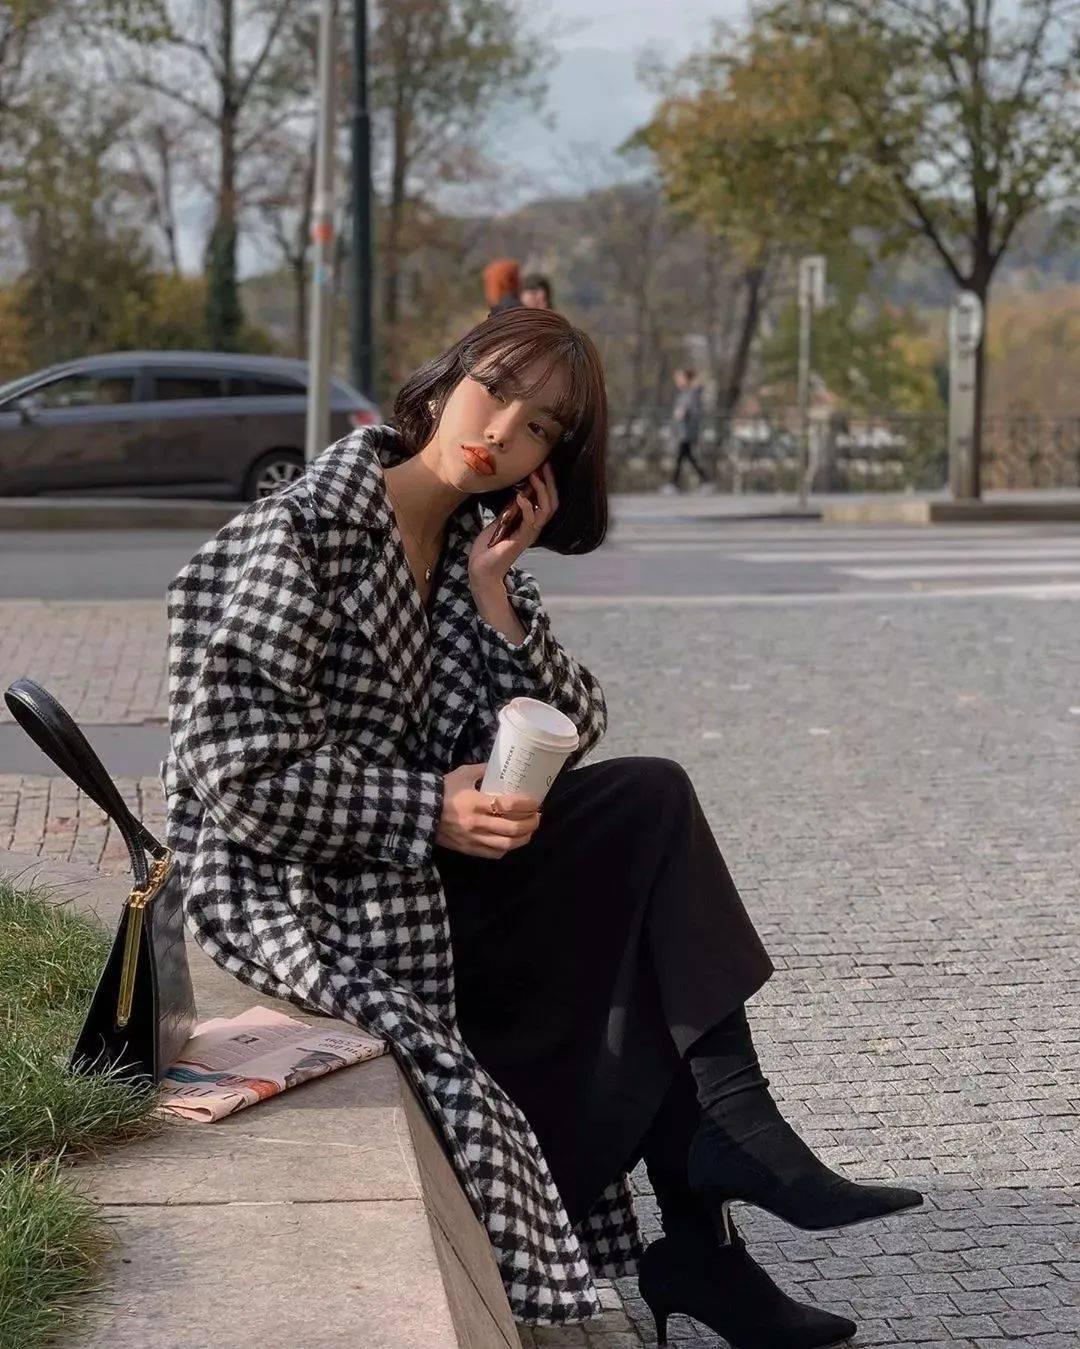 毛衣 + 半裙,大衣 + 牛仔裤+靴子,秋冬穿搭有这几件就够了!!